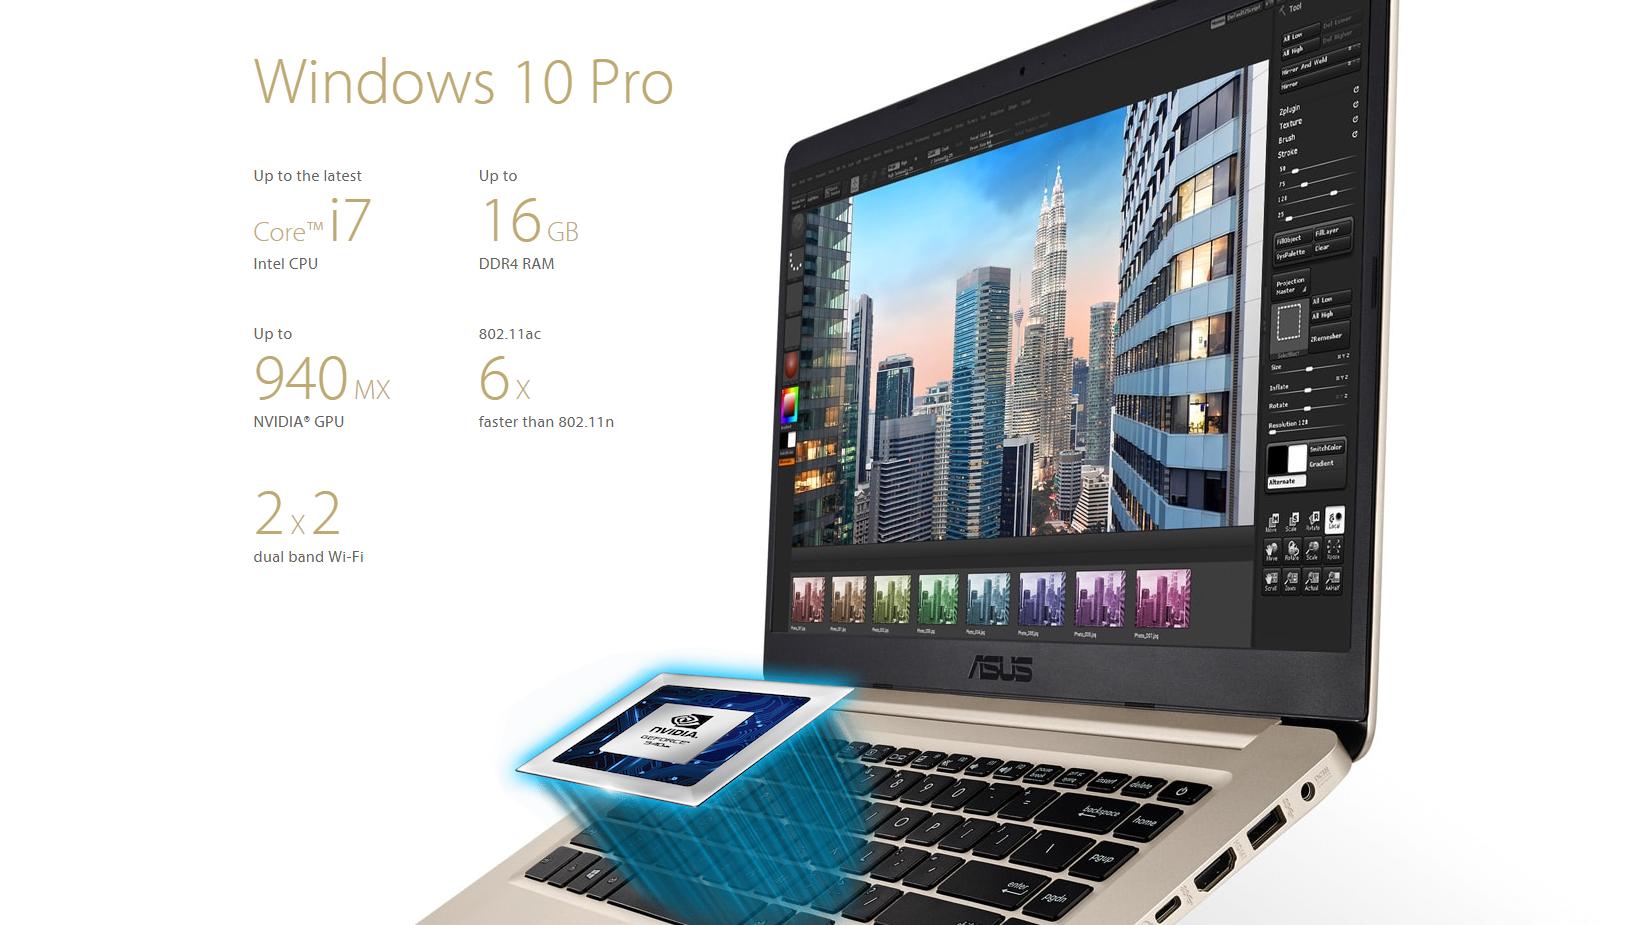 Details about ASUS VivoBook S15 (S510UA) 15 6